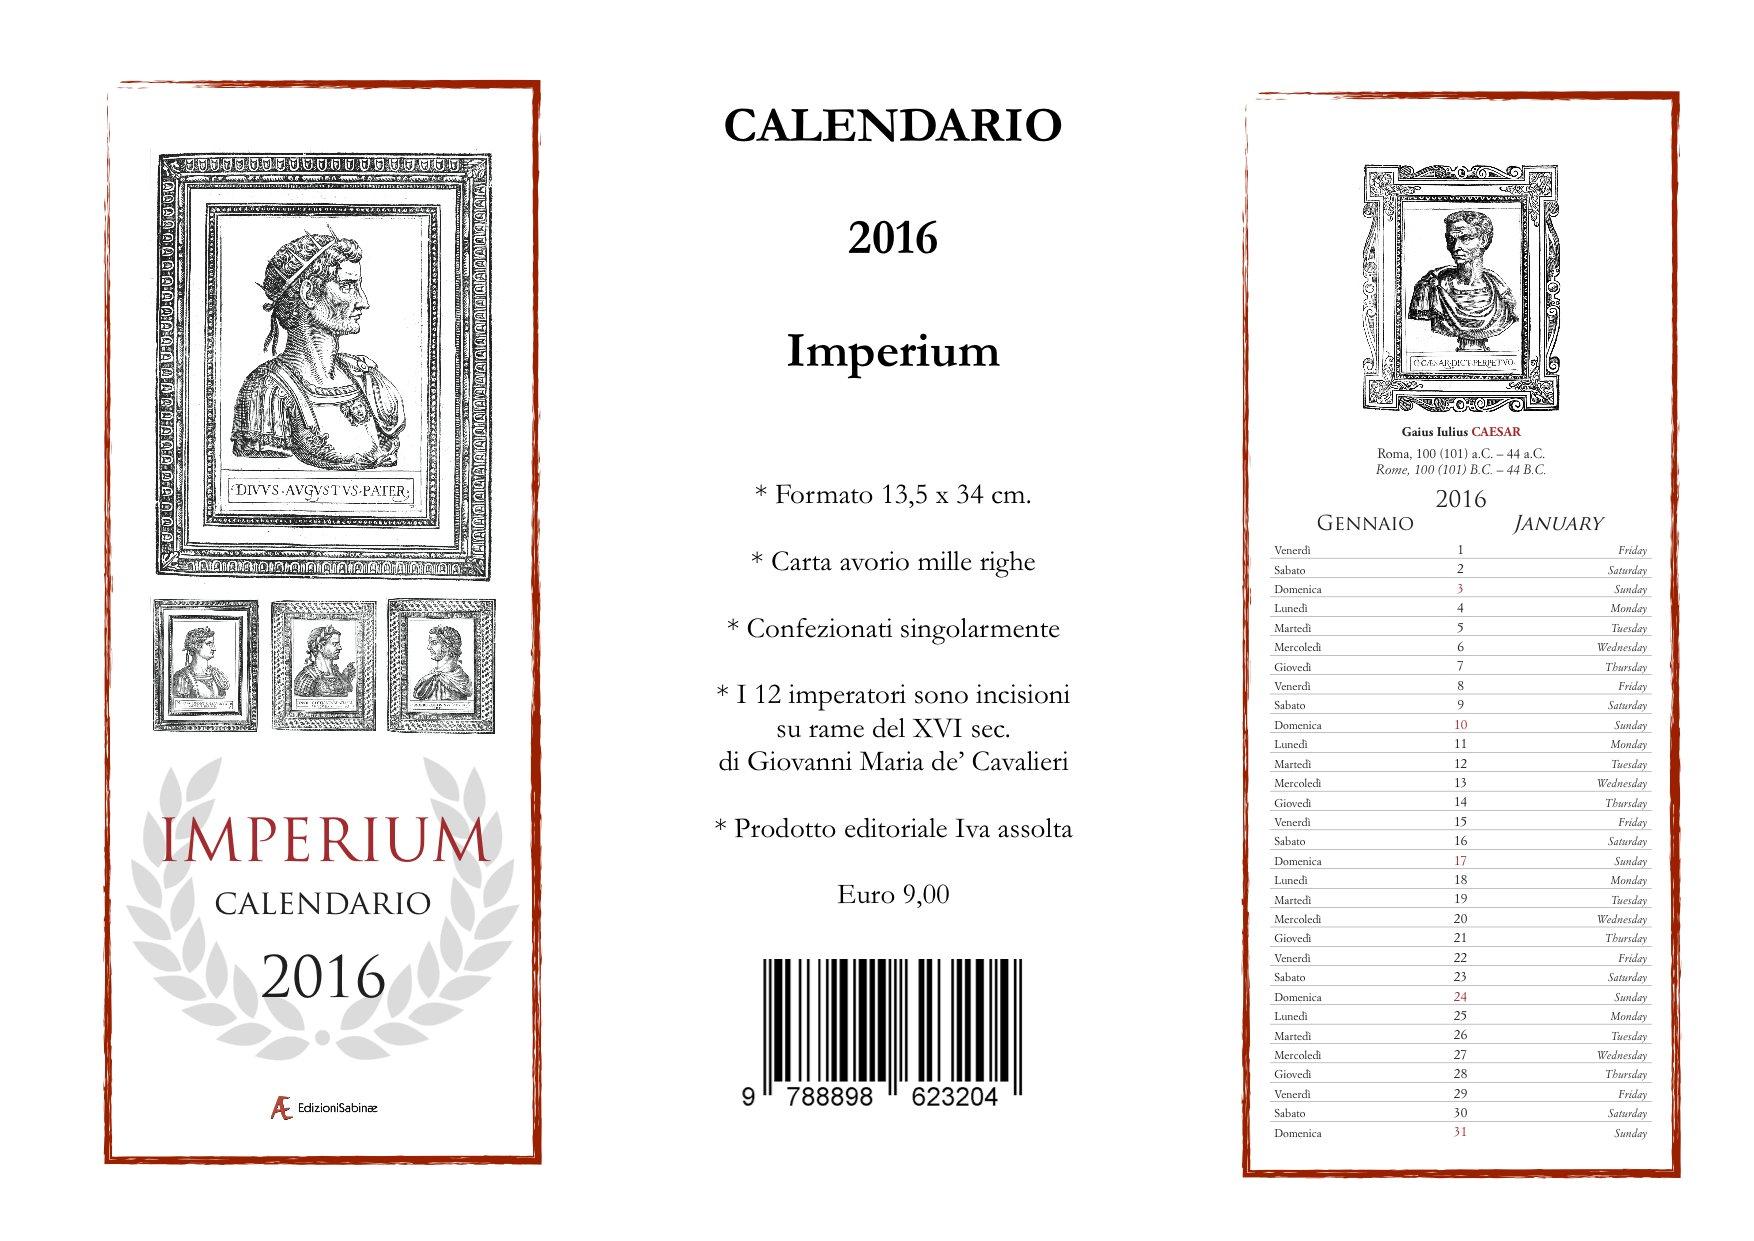 scheda Calendario Imperium 2016